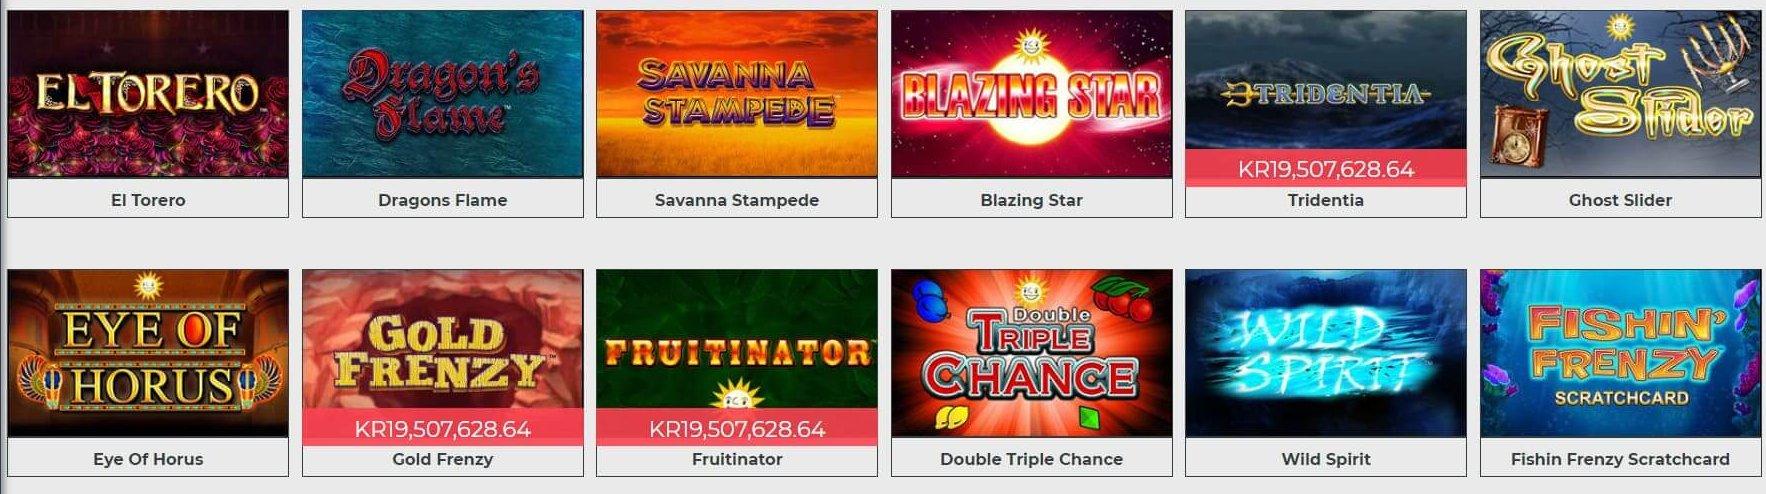 Merkur har flertalet slots hos Dream Jackpot Casino